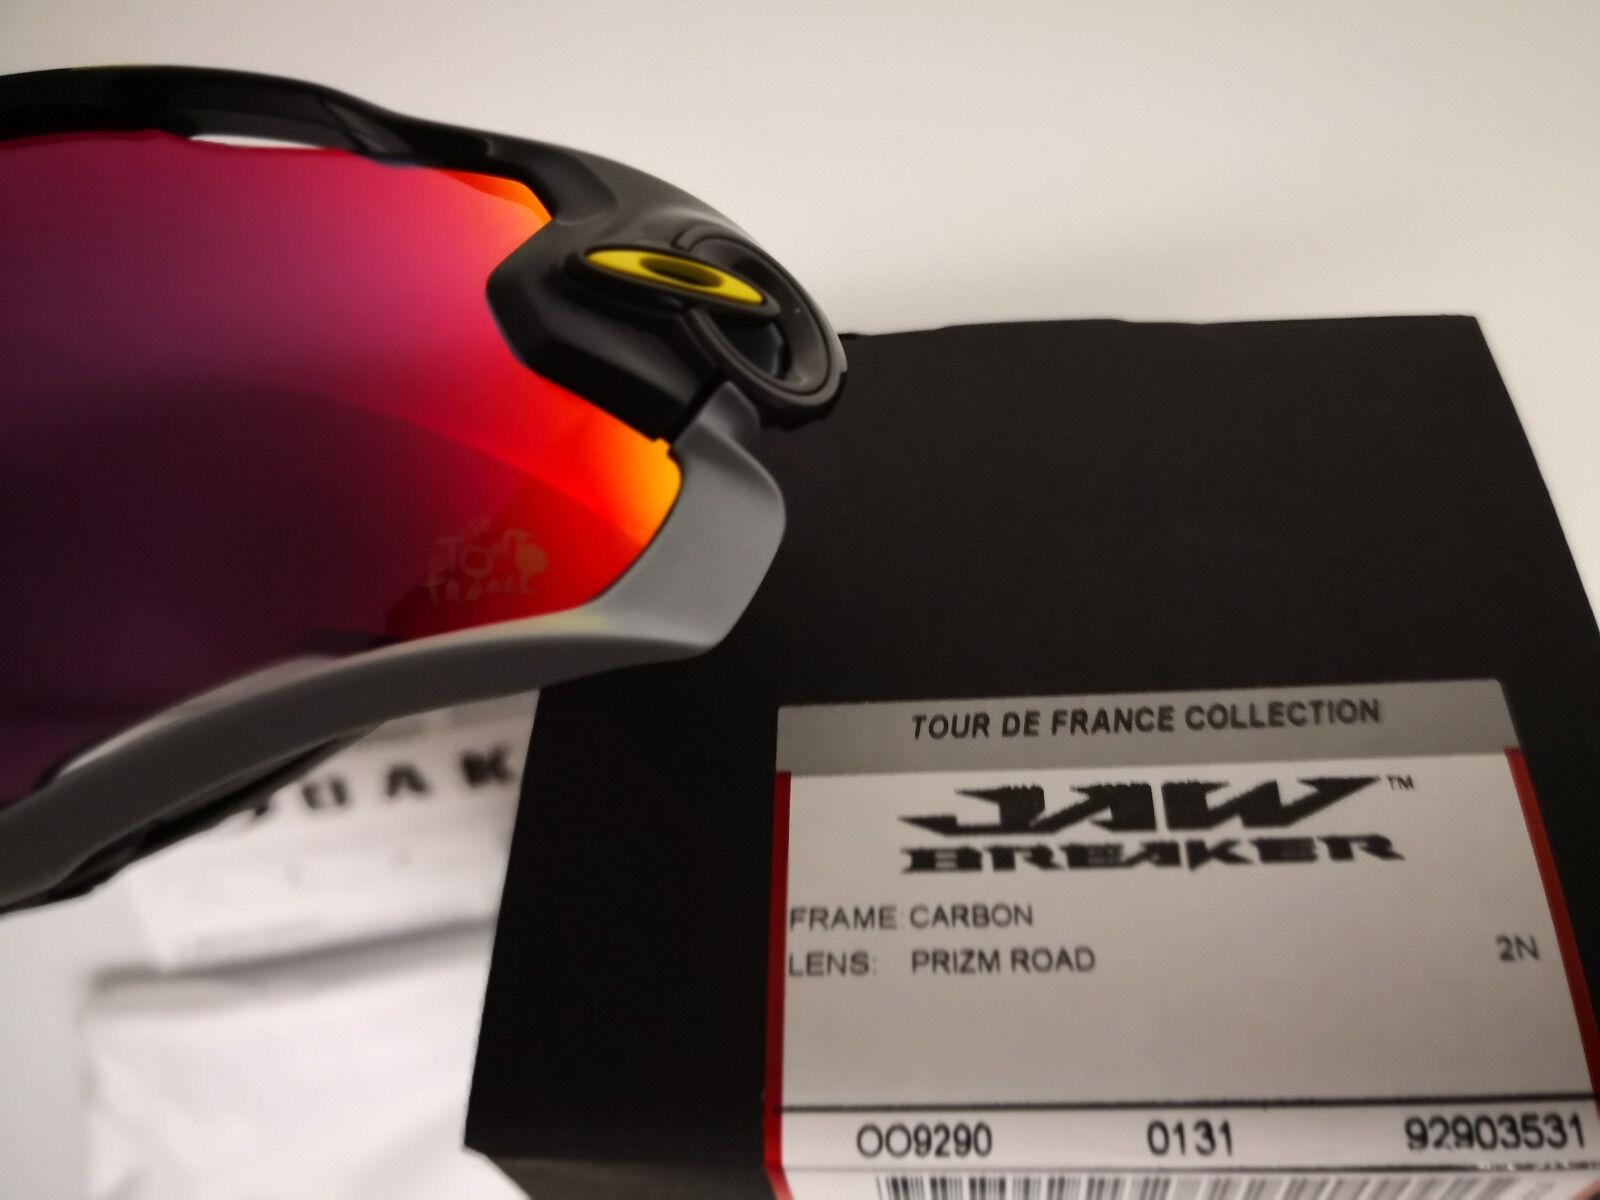 93775a468 Oakley OO9290-3531 Jawbreaker Standard Fit Sunglasses - Carbon/Prizm Road  for sale online | eBay